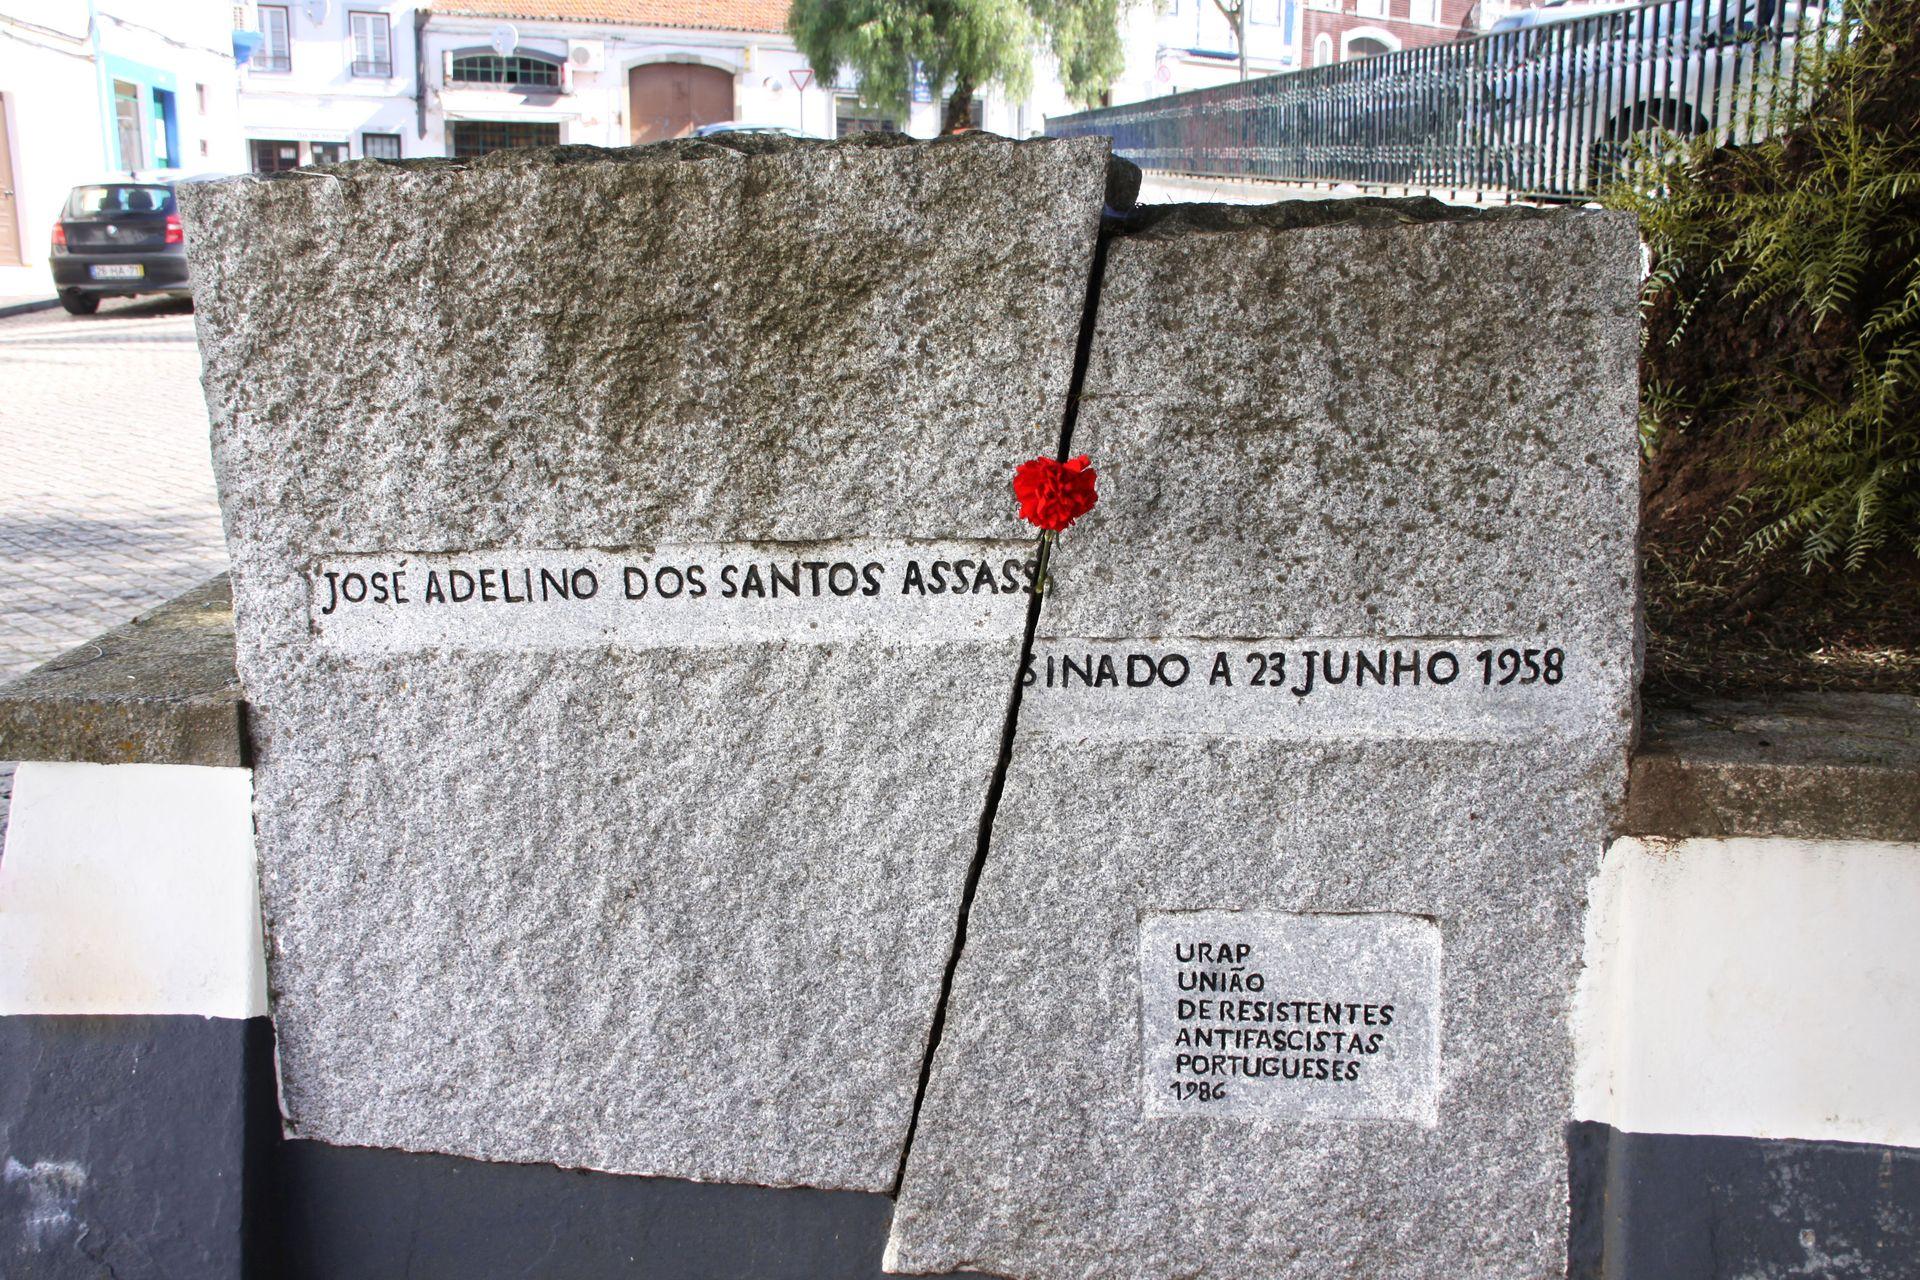 Monumento a José Adelino dos Santos, Largo Alexandre Herculano (CMMN, 2011)